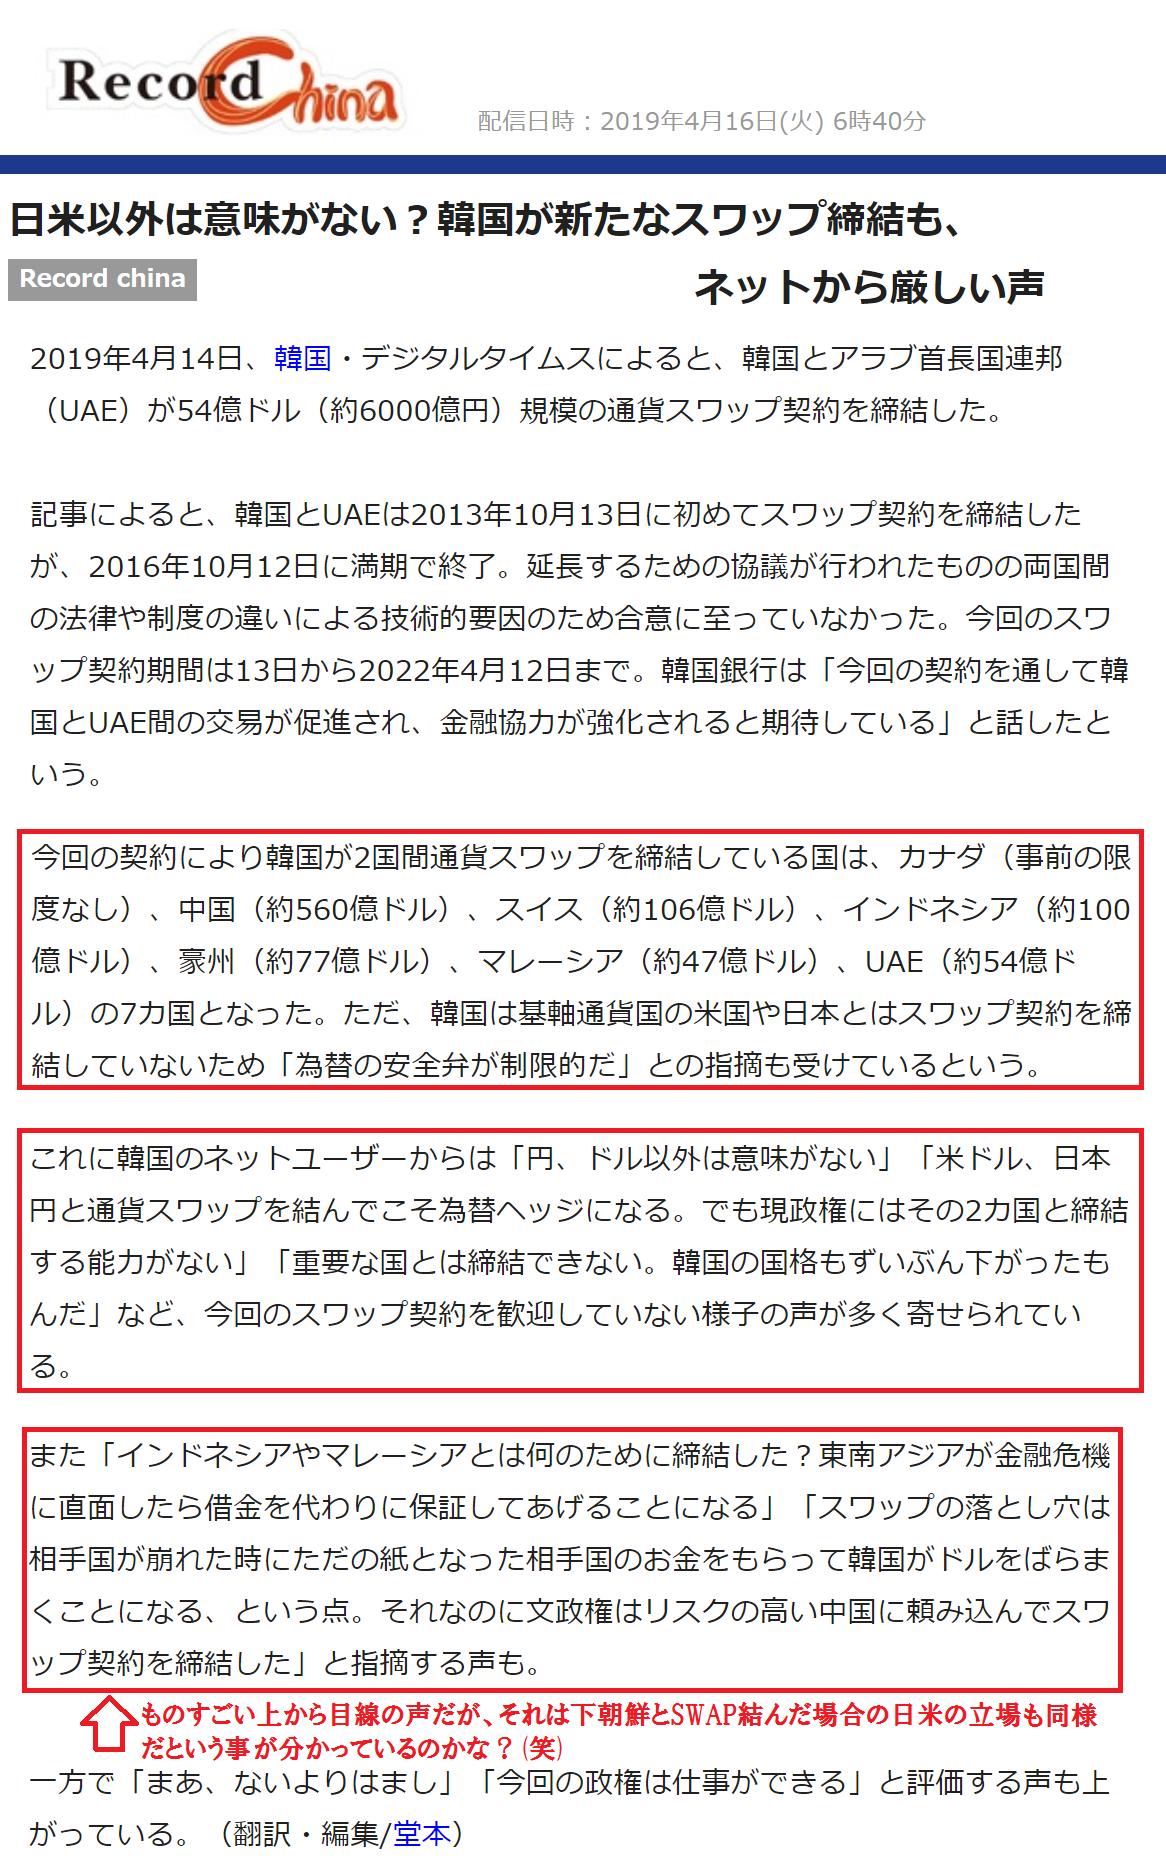 朝鮮人「日米以外とSWAP結んでも意味がない」